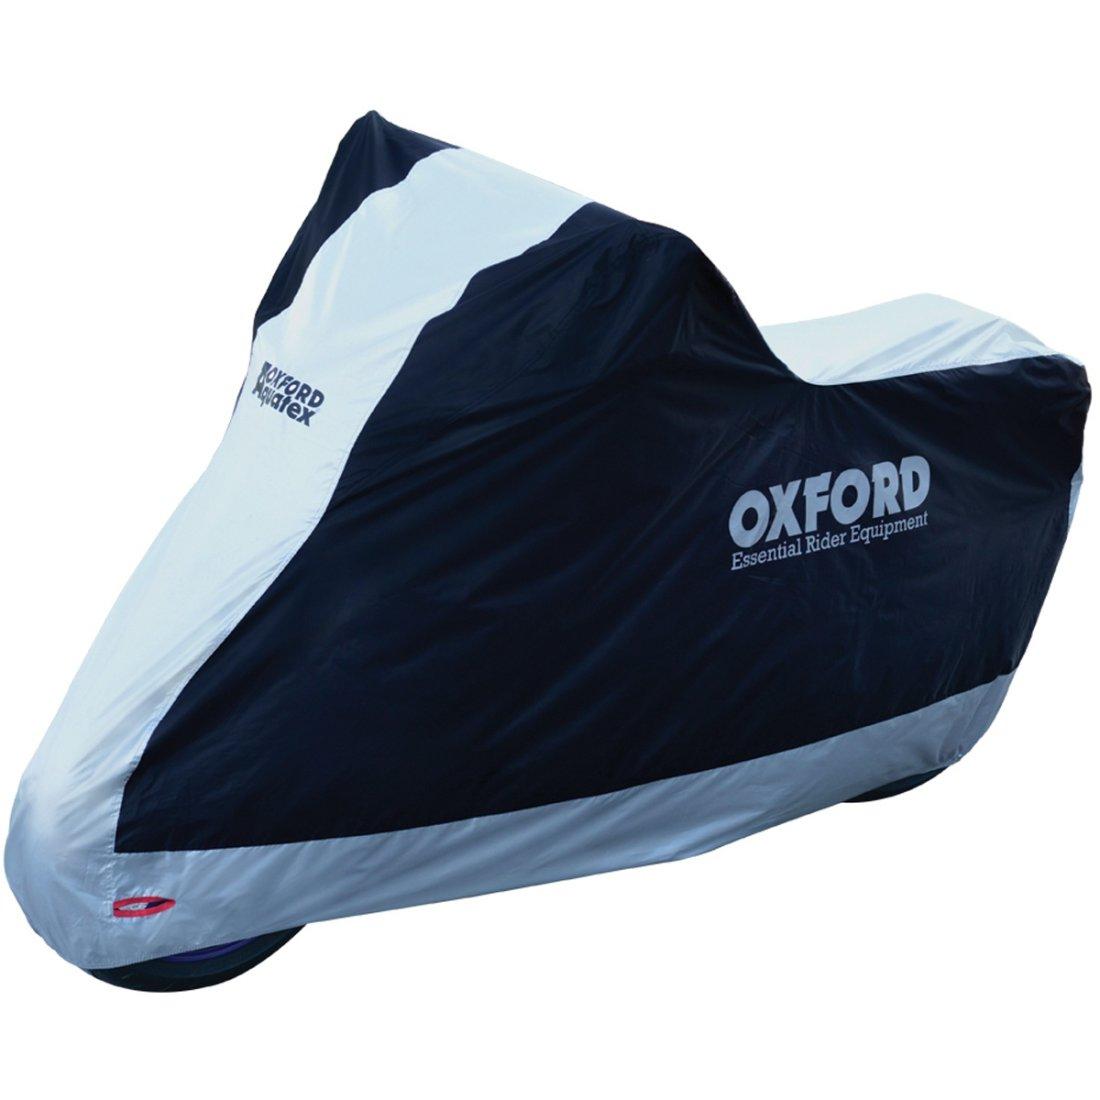 dd4f41c7e06 OXFORD Aquatex Medium. Precio mínimo garantizado. OXFORD Aquatex Medium.  -10%. Tallas: Talla única. Funda cubre moto Oxford Aquatex Medium. Funda  para motos ...